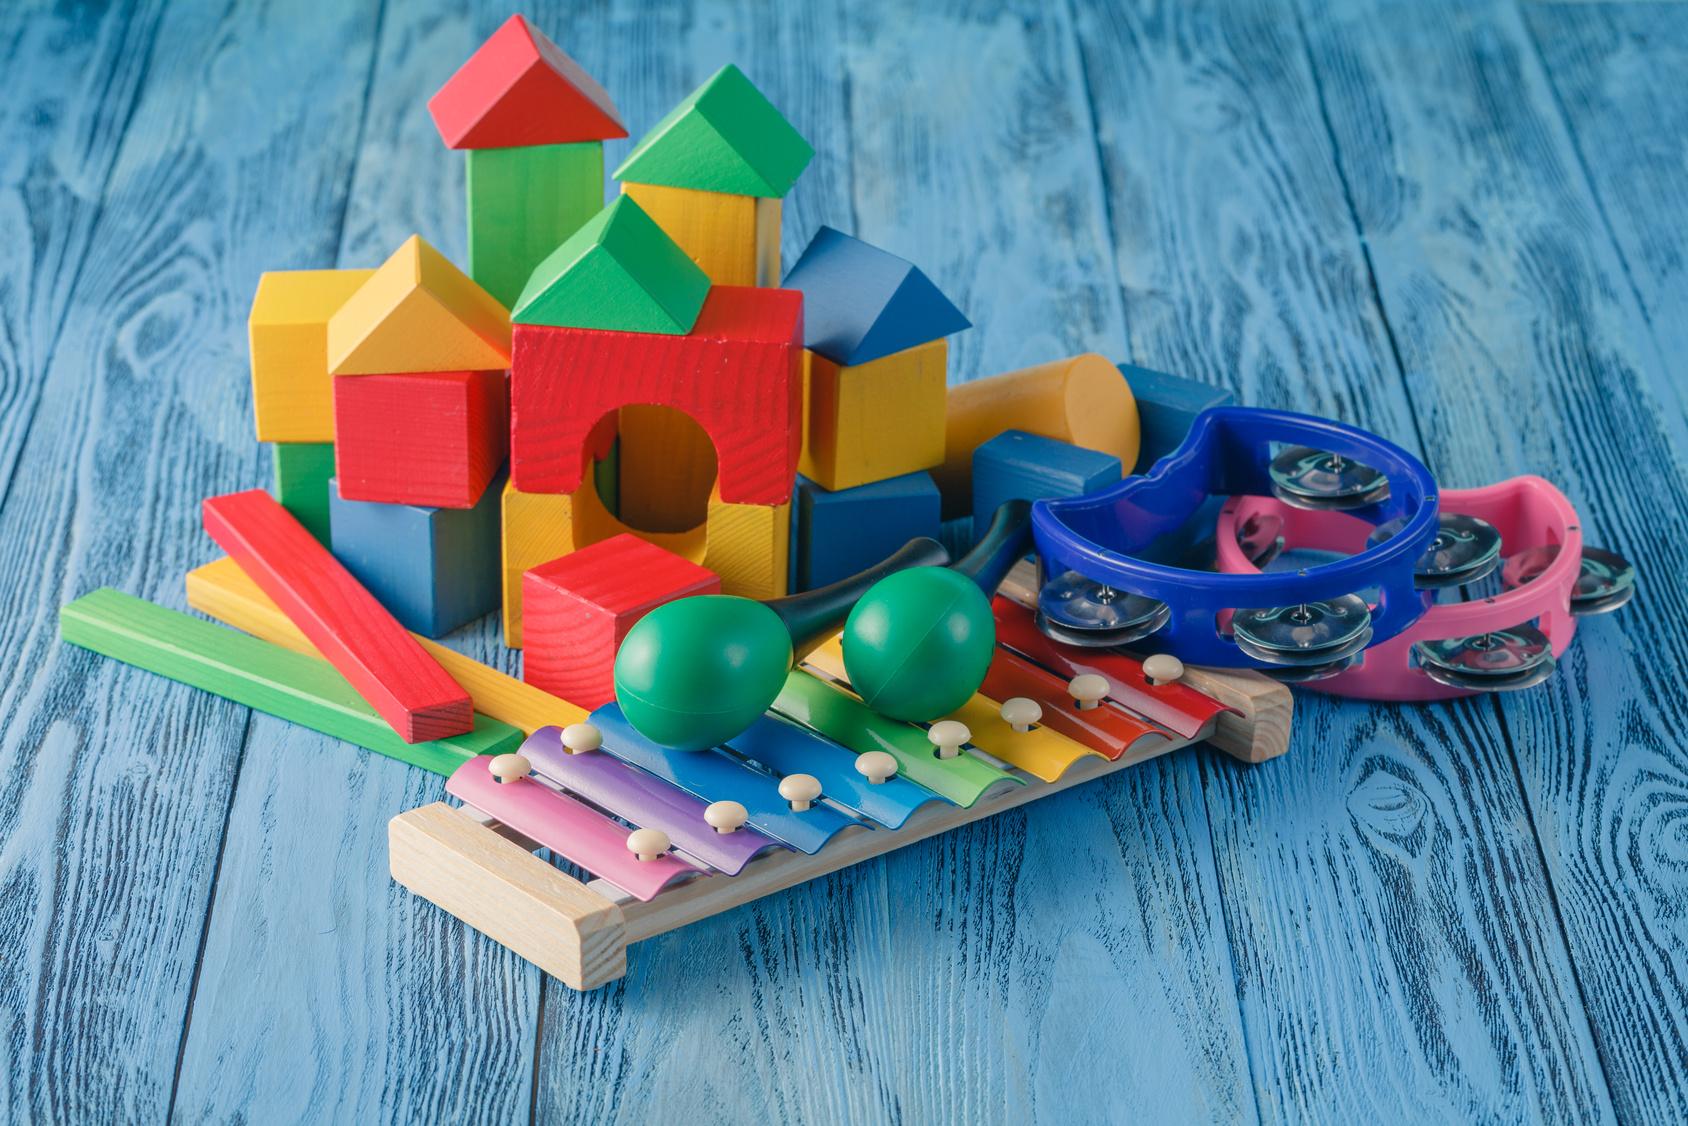 Idées cadeaux Montessori pour enfants de 18 mois à 3 ans